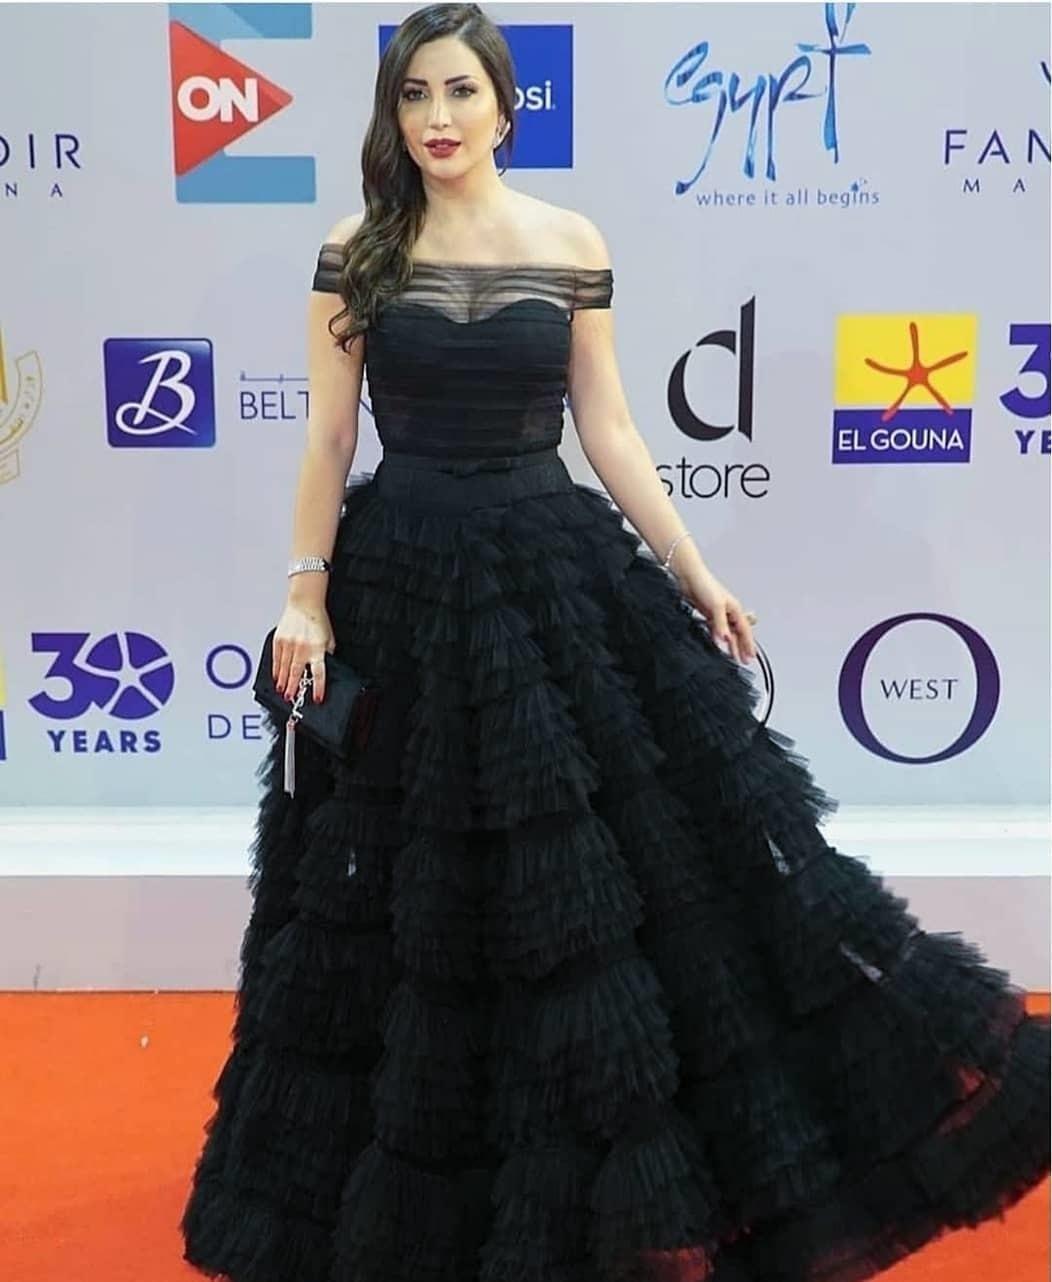 اطلالة فاخرة لنسرين طافش في فستان أسود كشكش